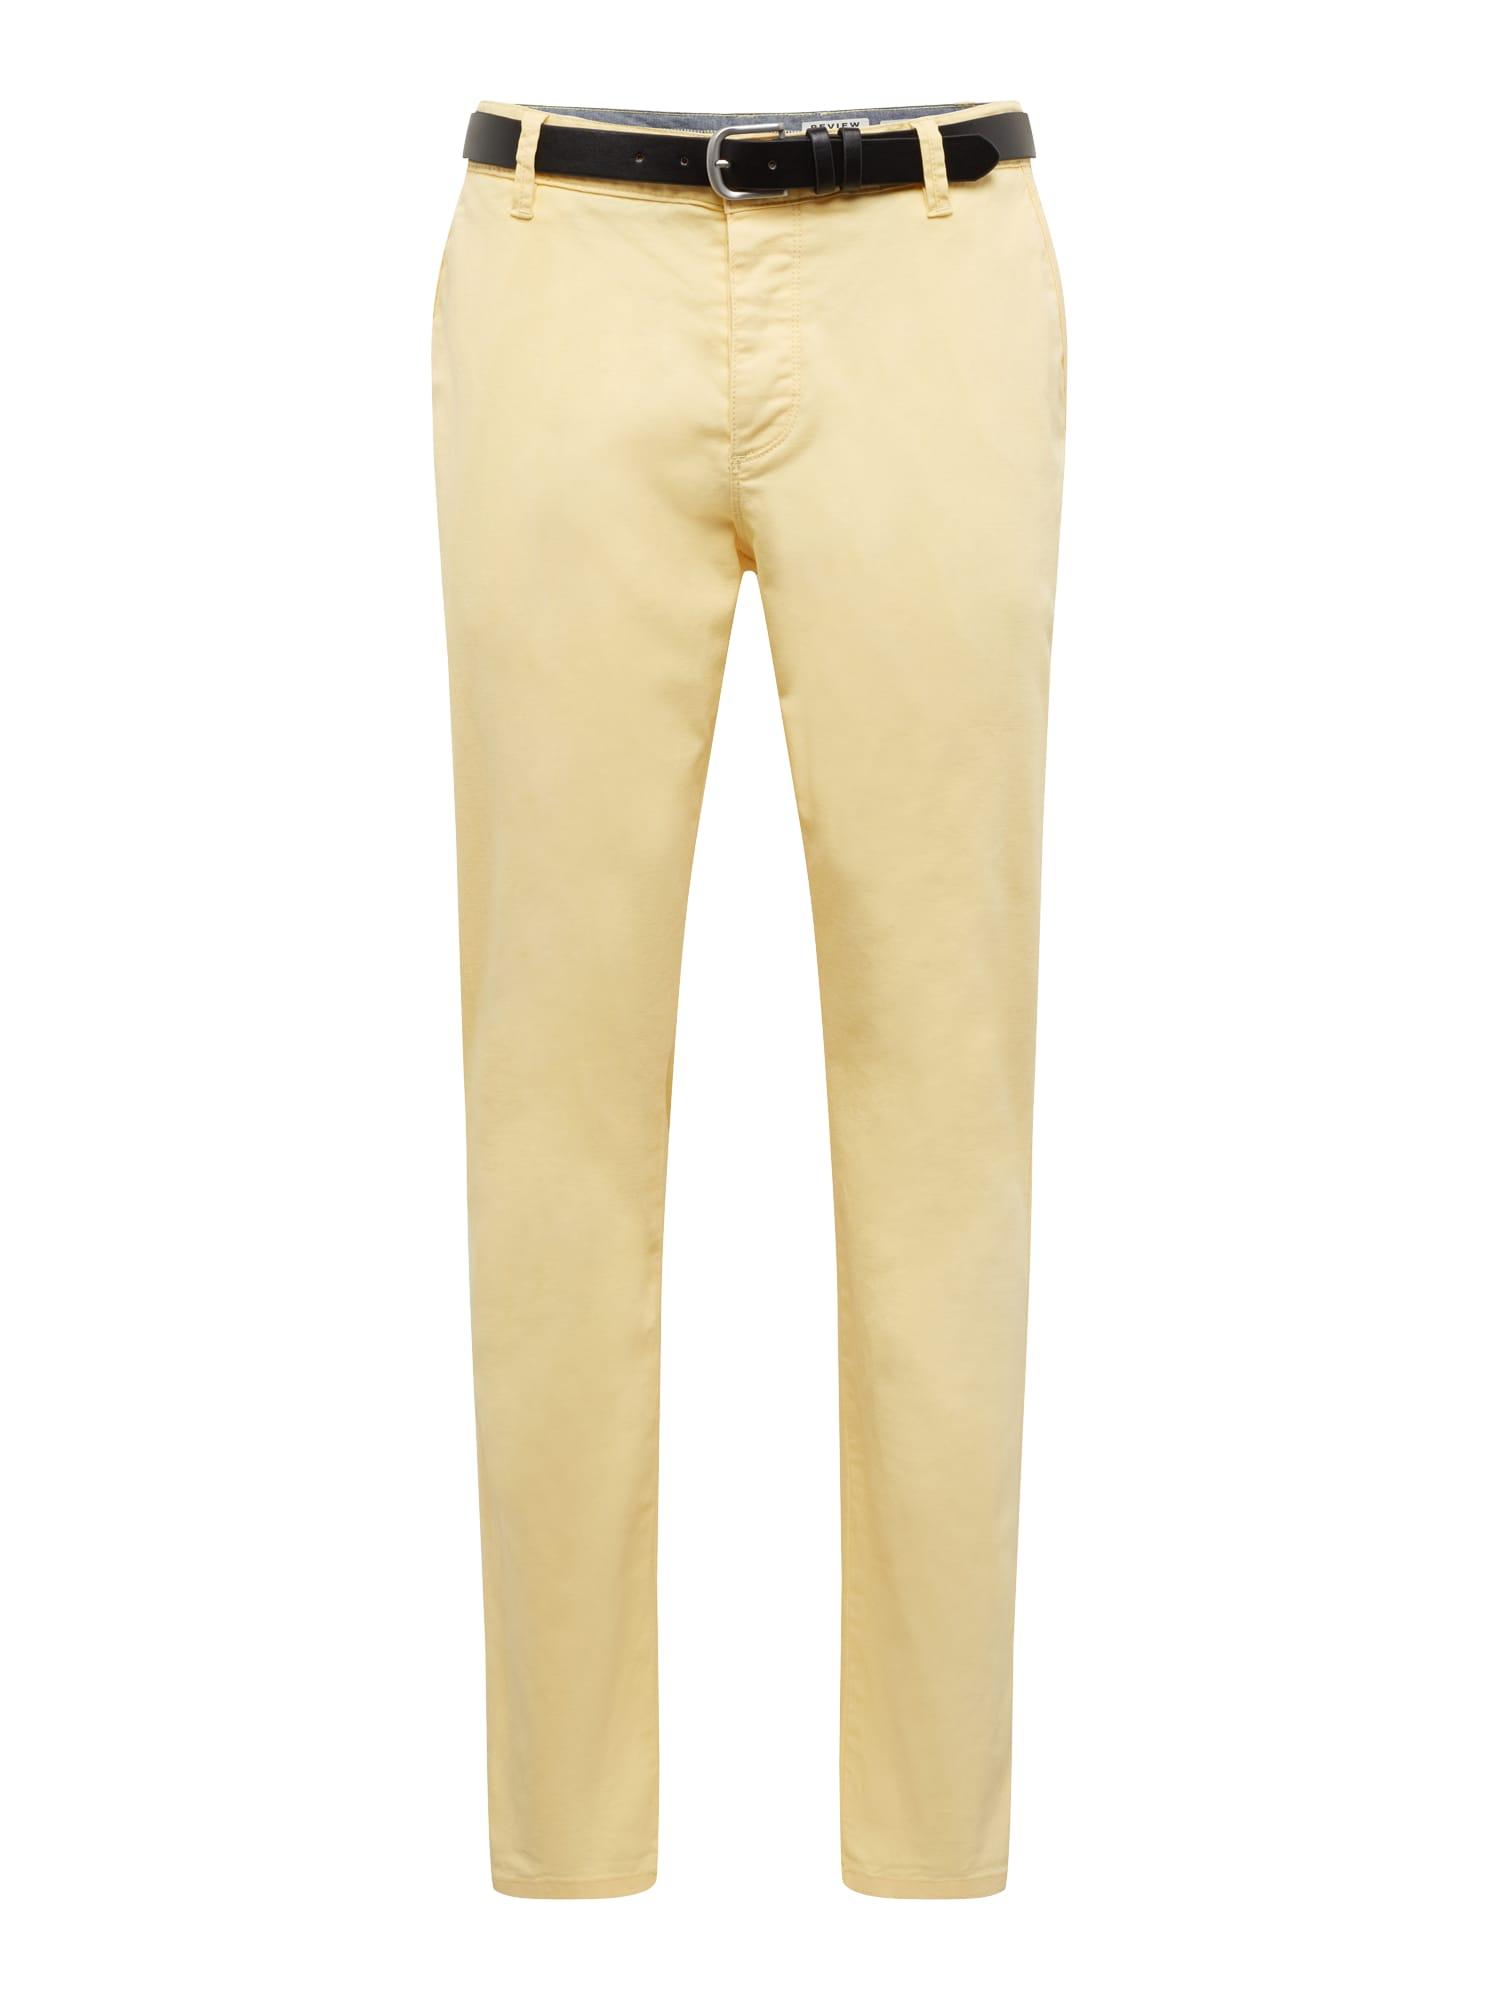 Chino kalhoty STR BELT žlutá Review